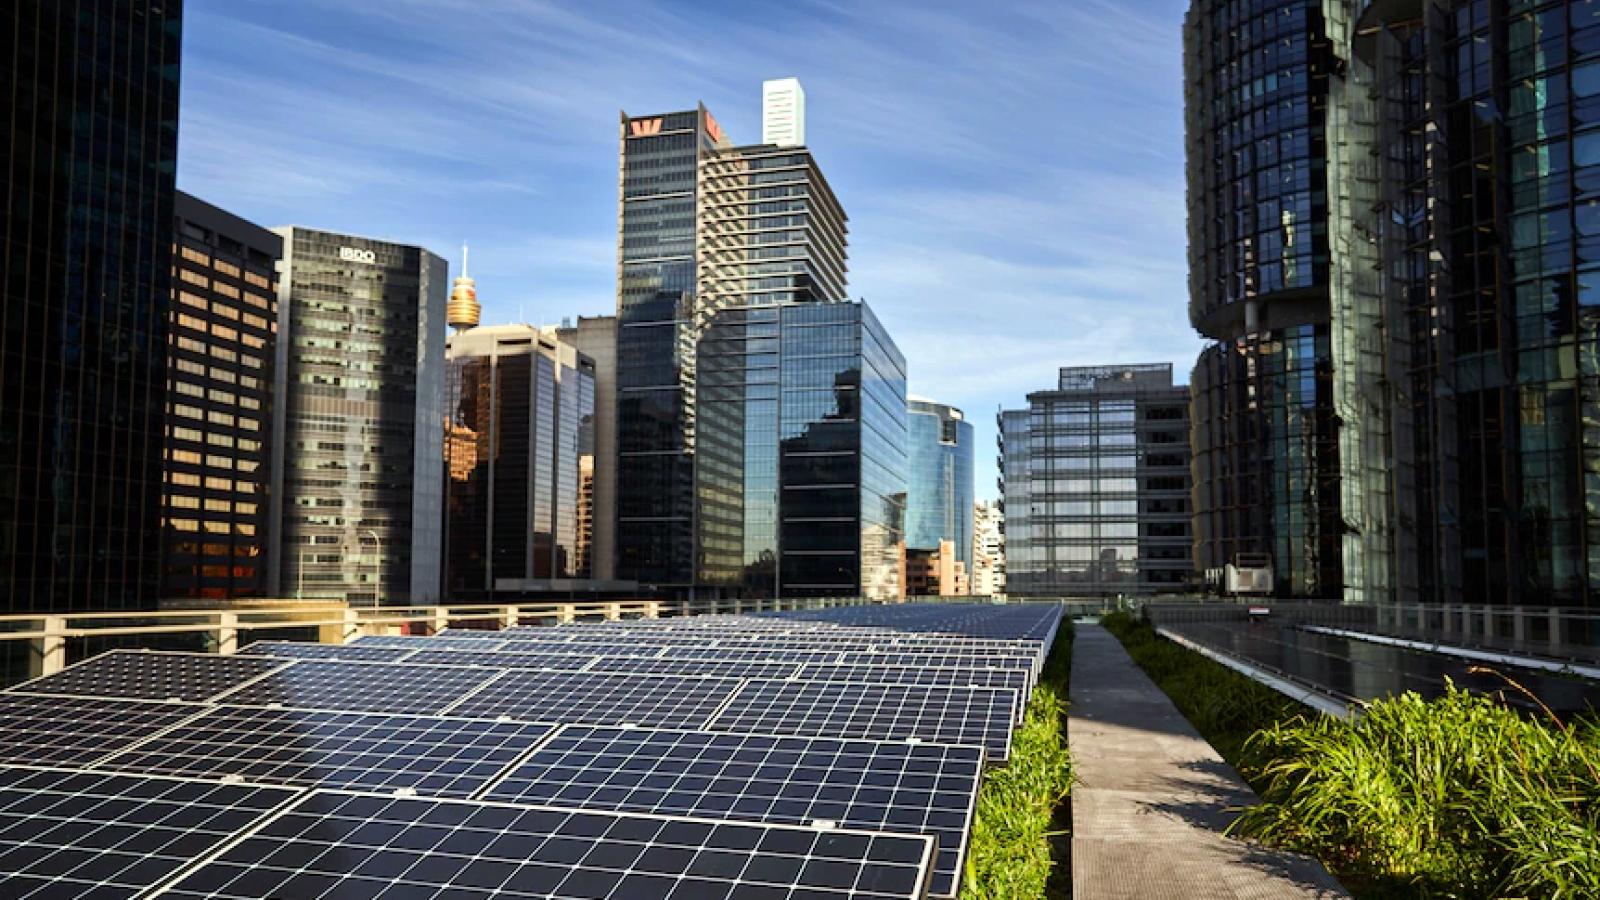 Chính phủ Australia cần có chính sách rõ ràng về cắt giảm khí thải